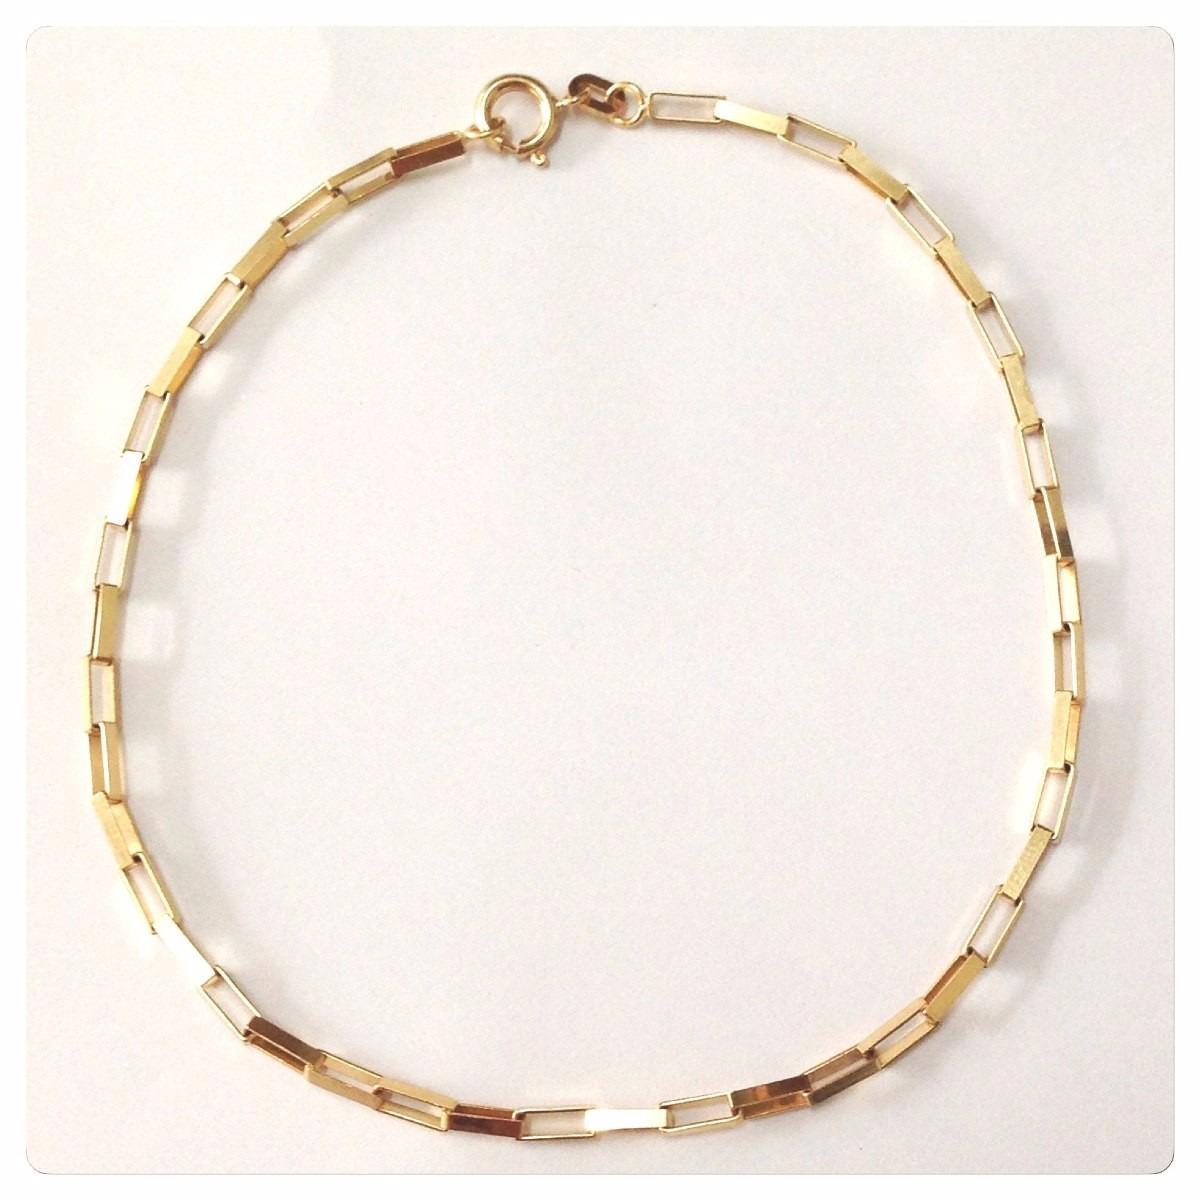 3af1b1a227a pulseira masculina elo veneziana longa cartier ouro 18k 750. Carregando  zoom.